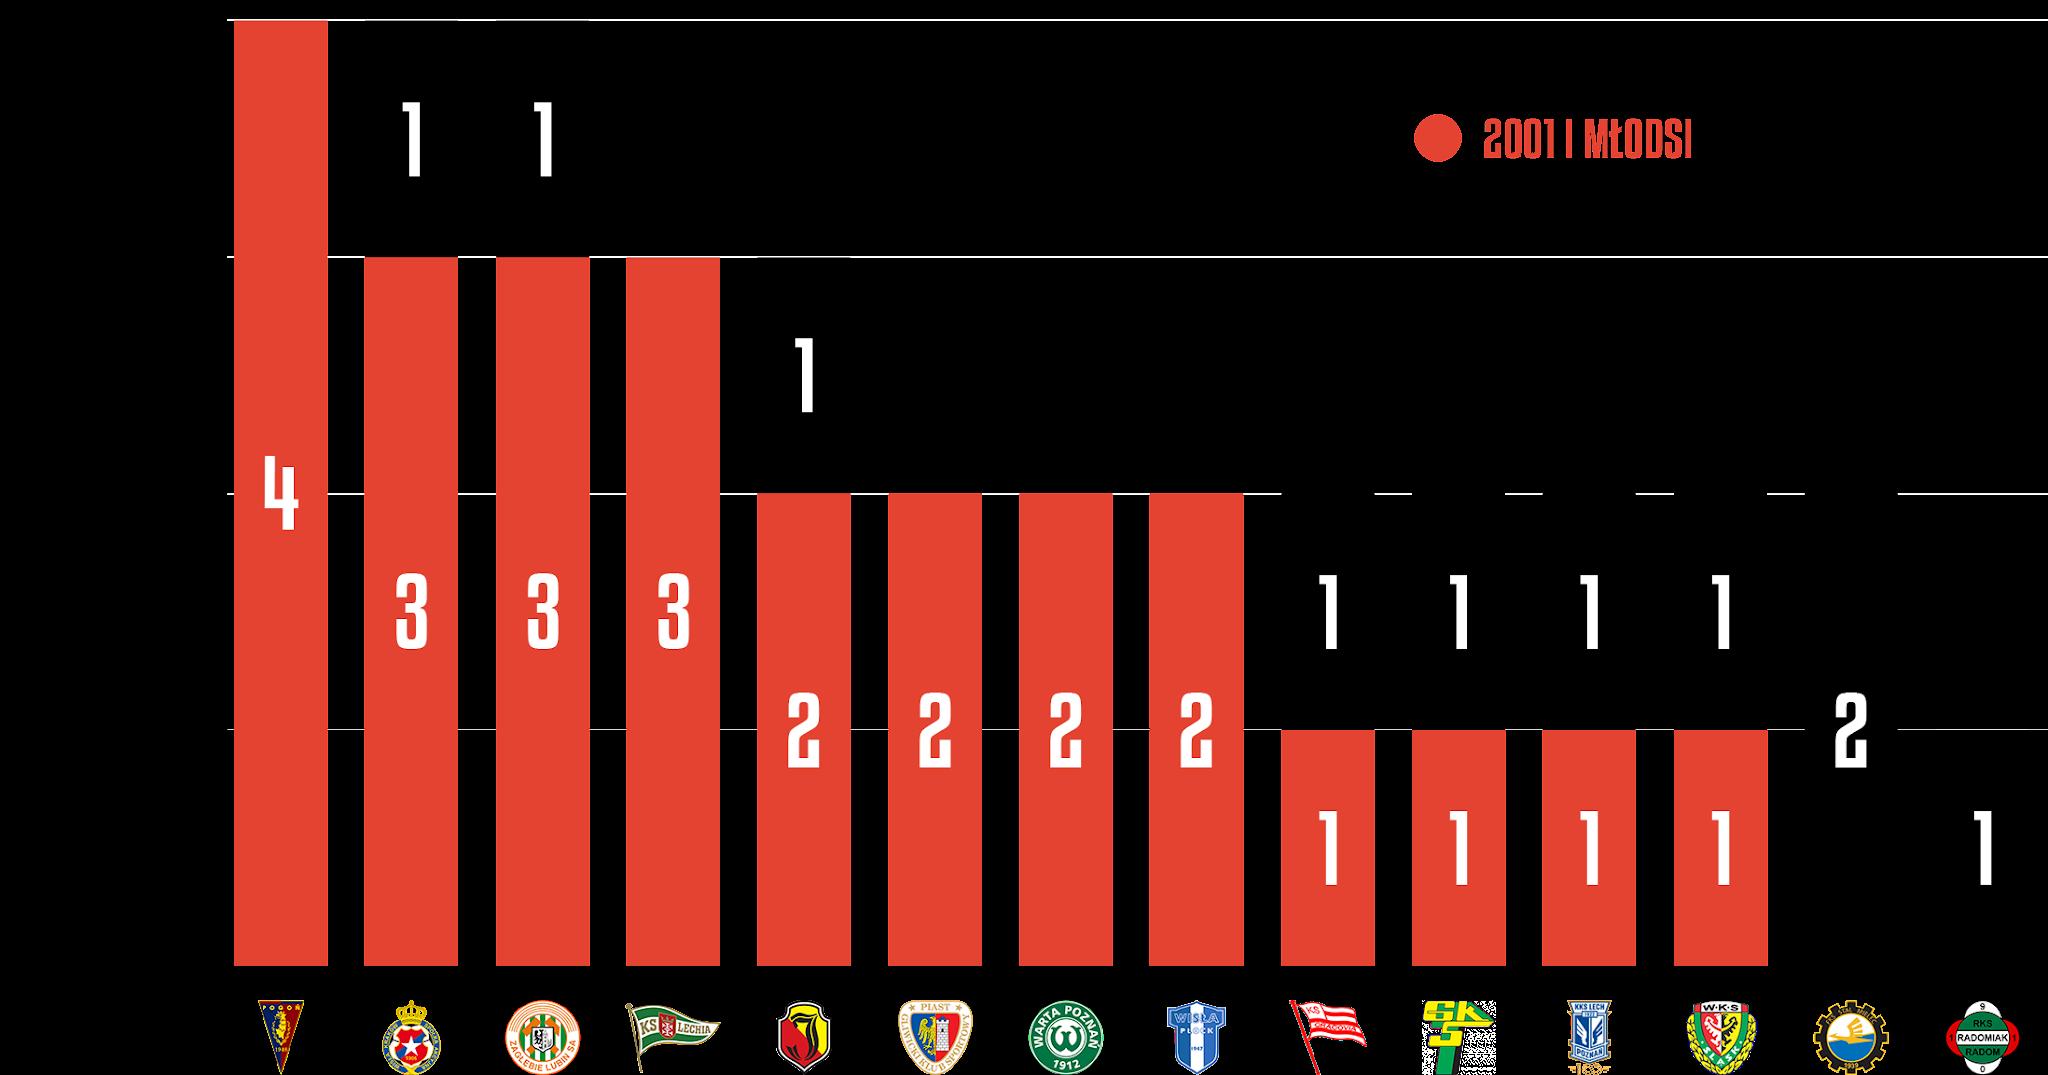 Młodzieżowcy w poszczególnych klubach podczas 5. kolejki PKO Ekstraklasy<br><br>Źródło: Opracowanie własne na podstawie ekstrastats.pl<br><br>graf. Bartosz Urban